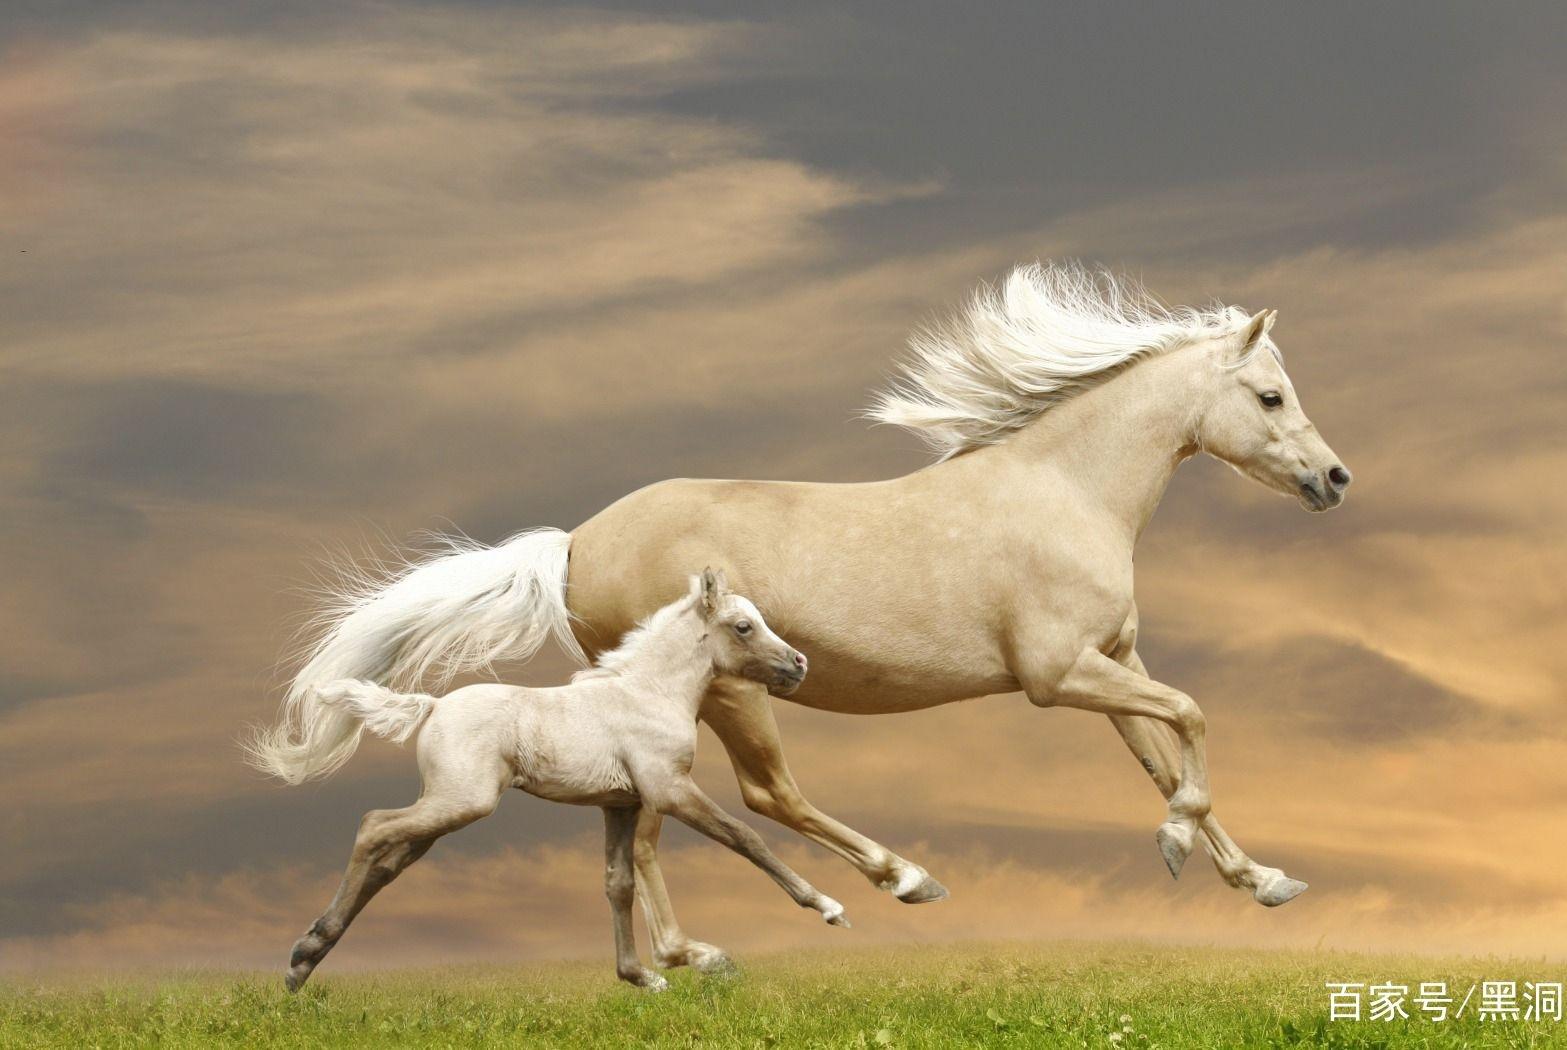 马的记忆力有多好?研究发现,它会记得上次见你时是微笑还是皱眉